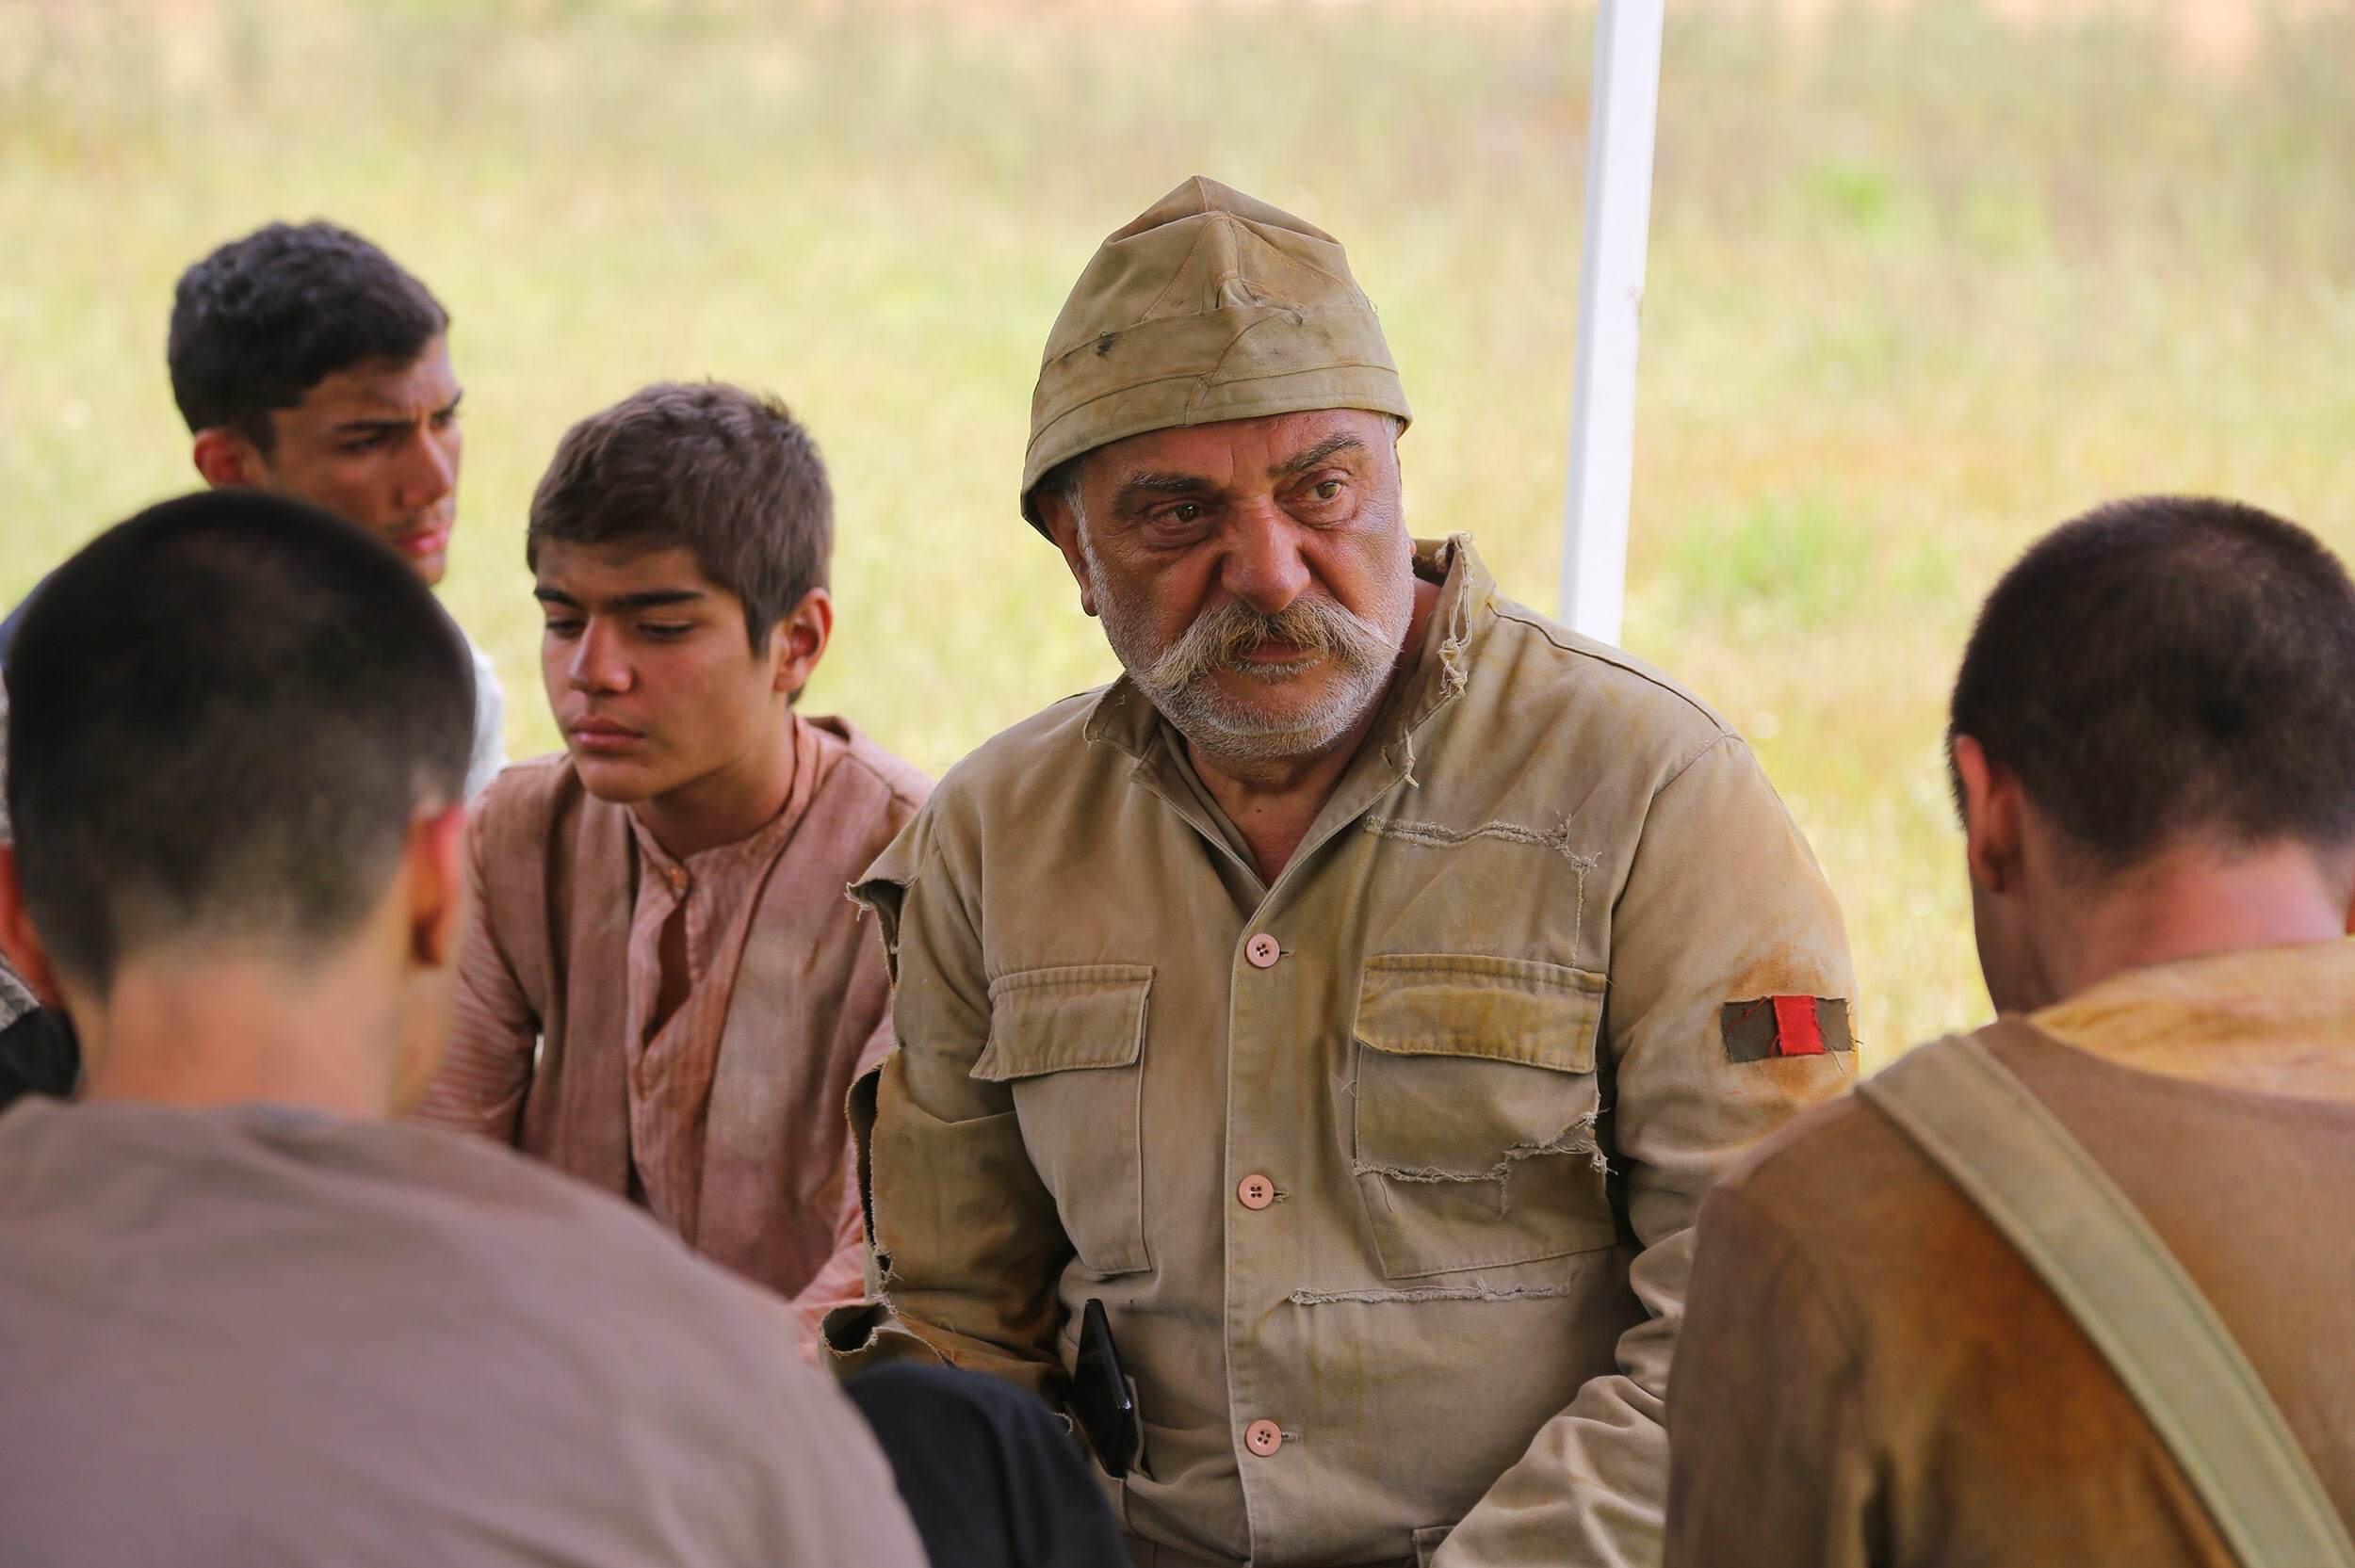 Çevik gibi usta isimlerin yanı sıra asker rolünü oynayan sayısız vatandaş filmde rol aldı.